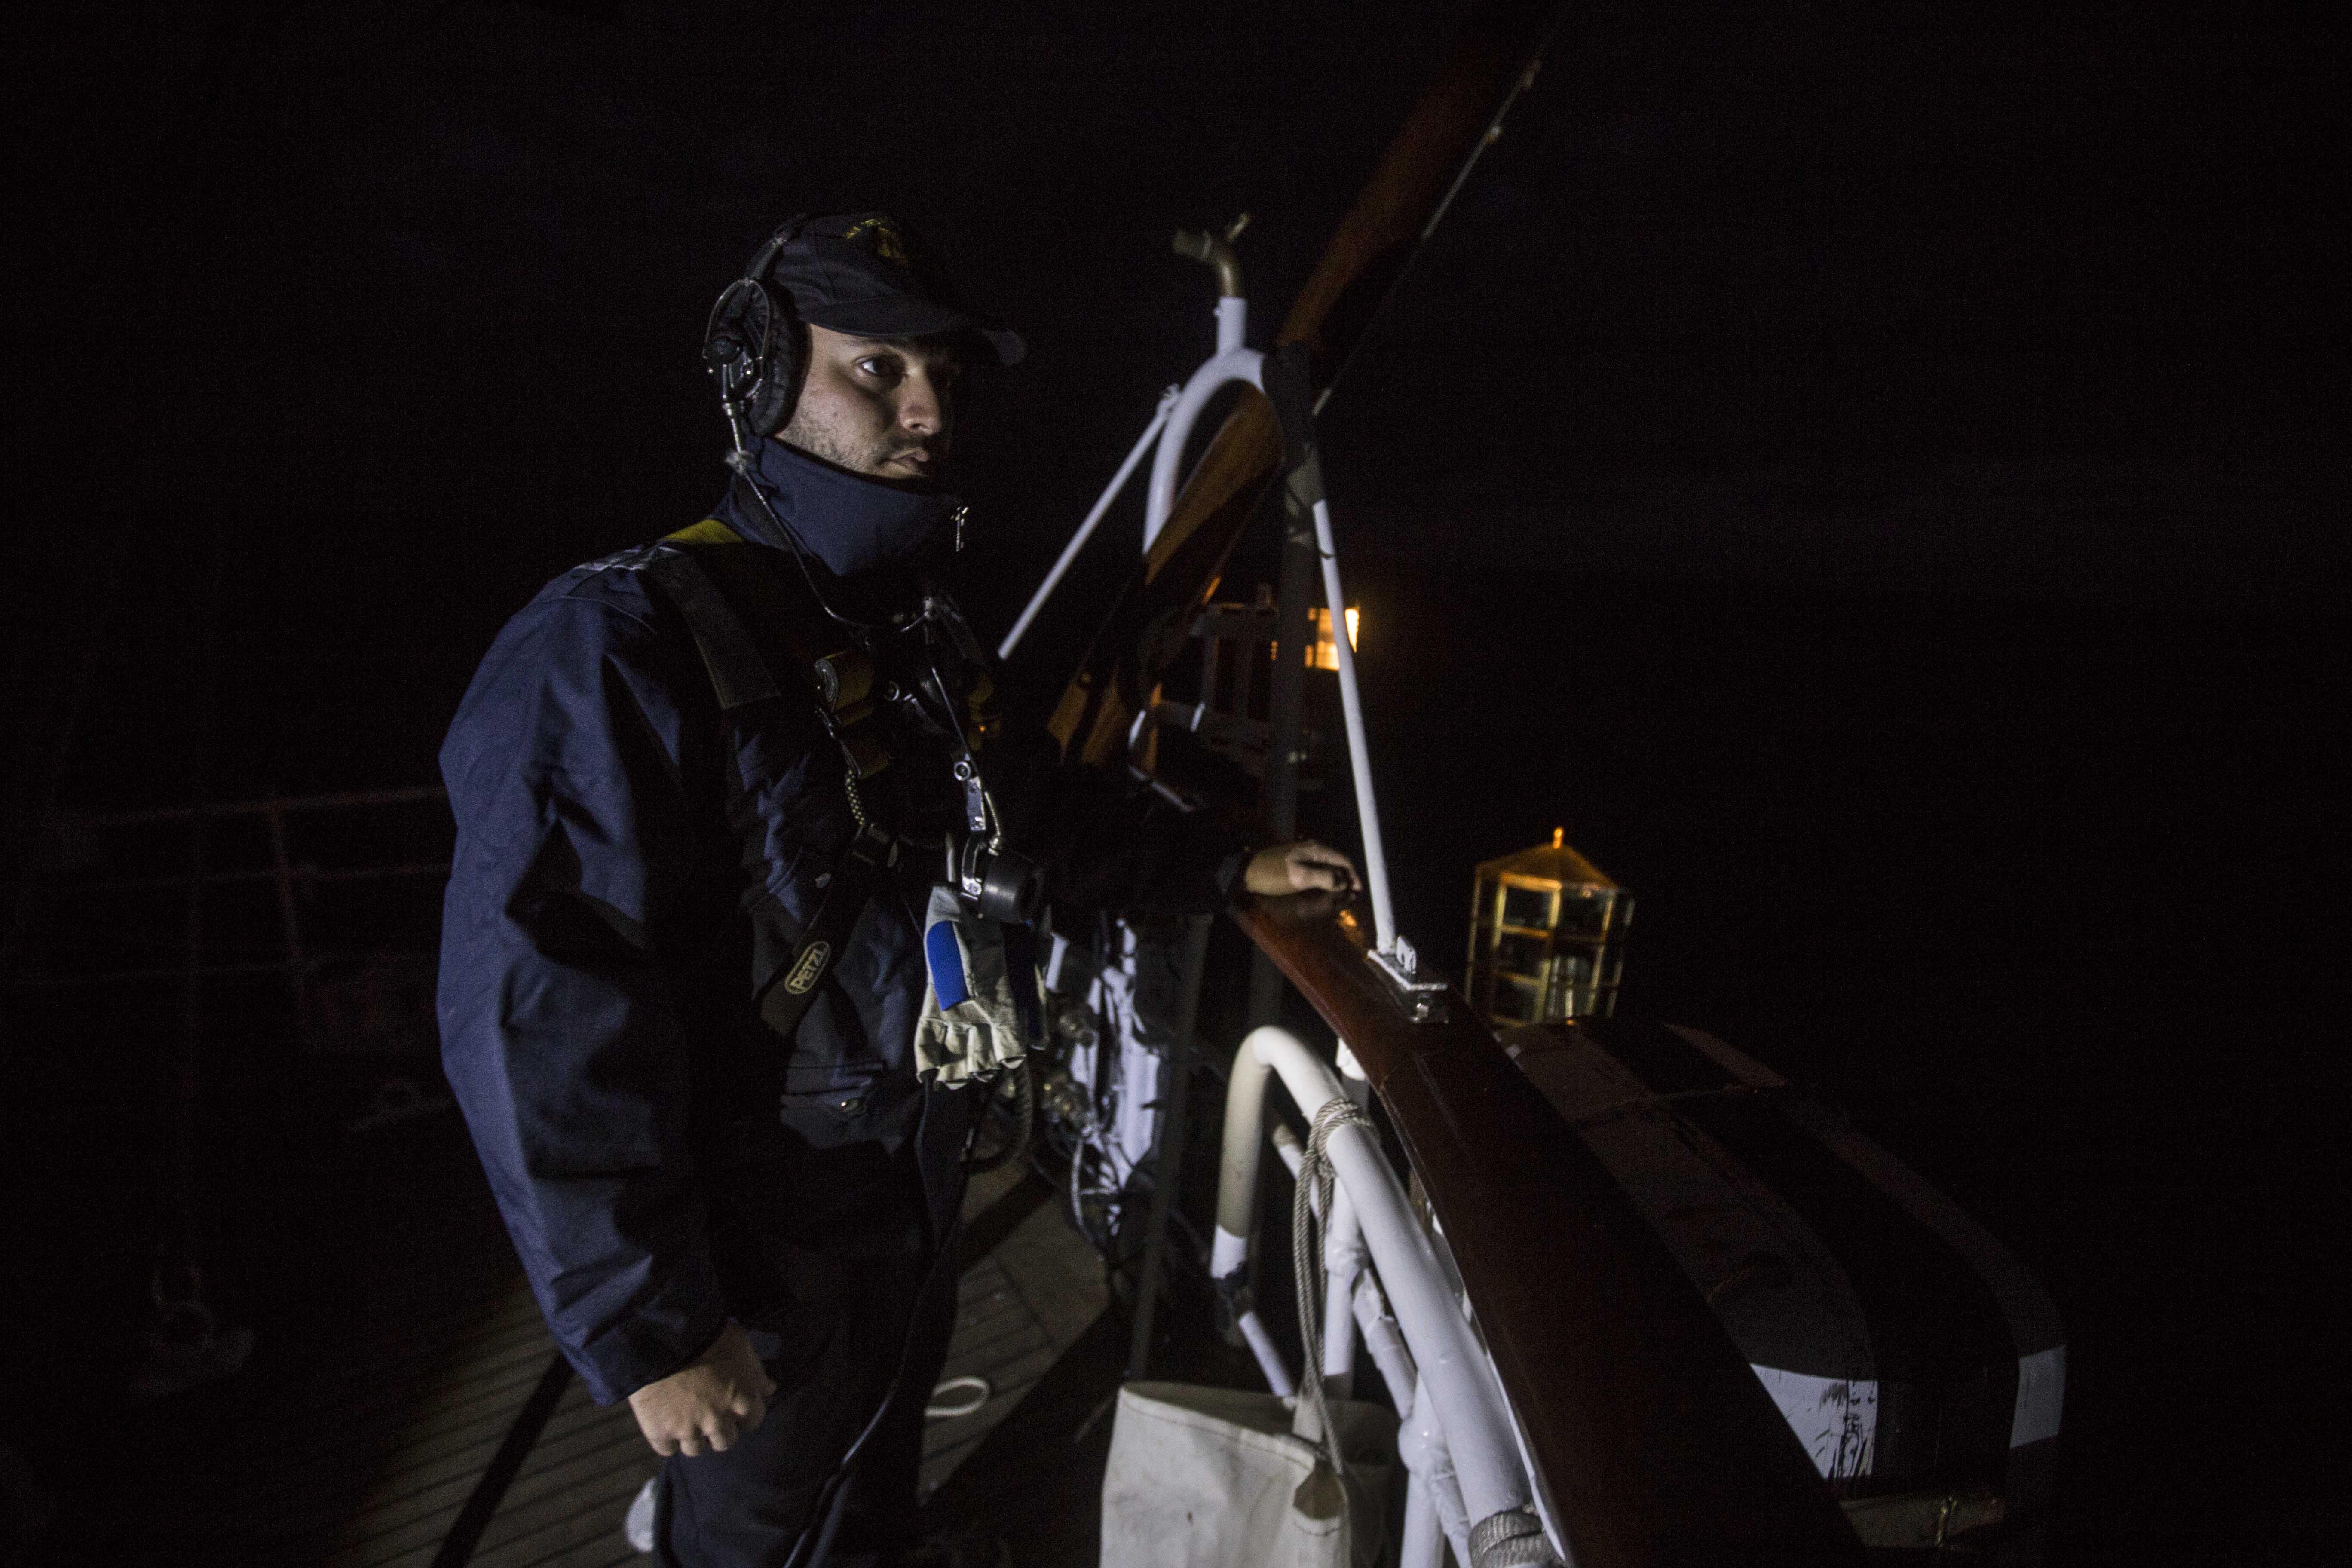 Una noche en Elcano, el buque escuela de la Armada